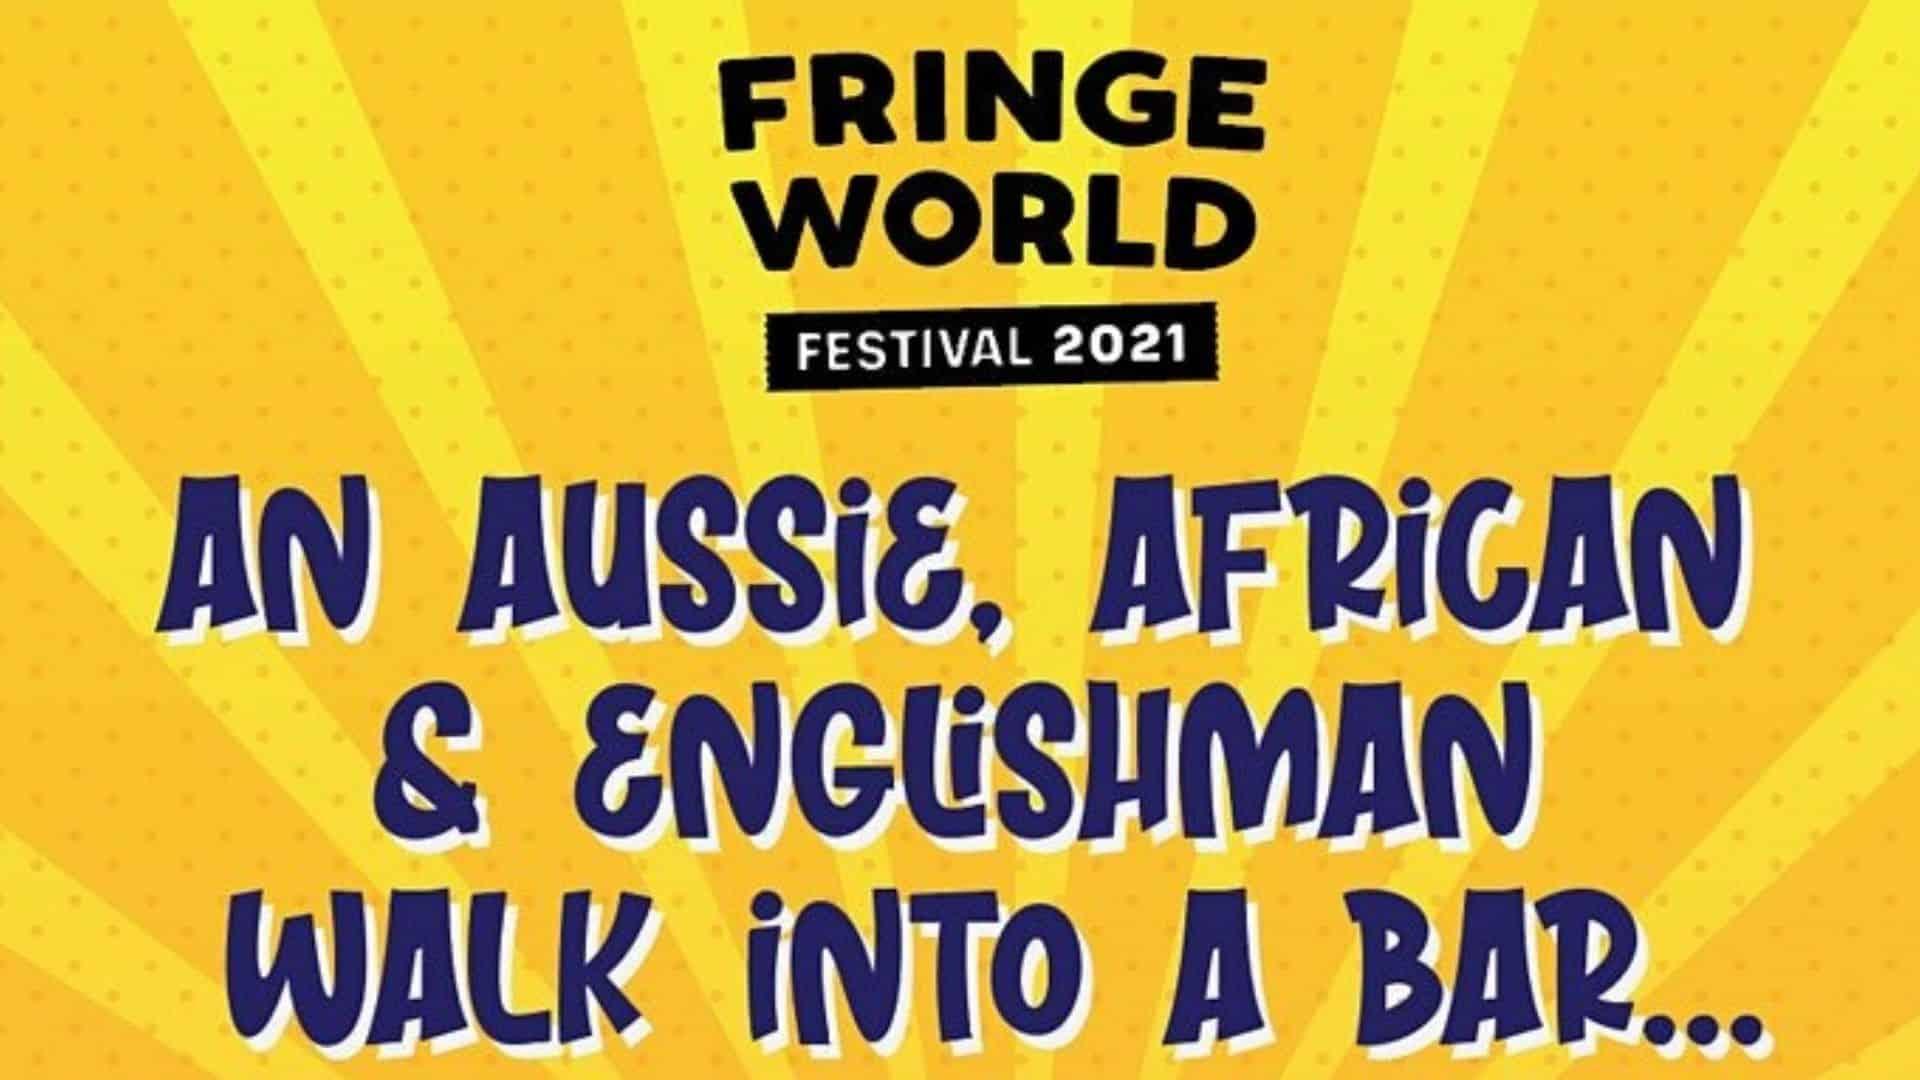 Fringe-Mandurah-